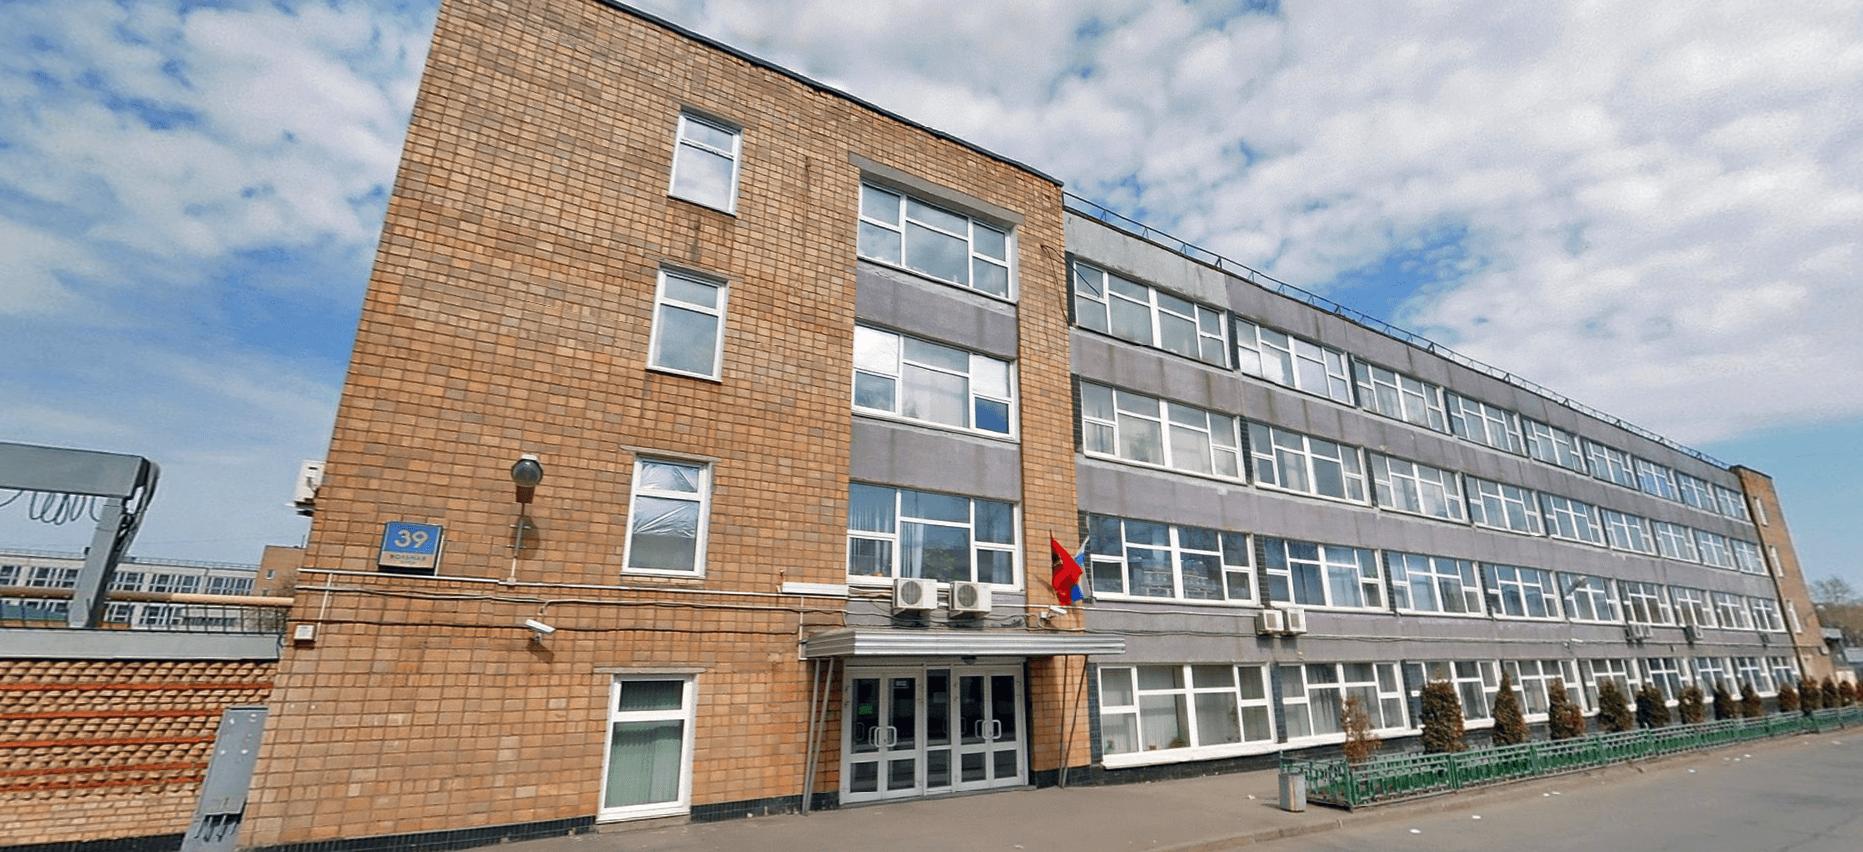 Компания РИВА на ул. Вольной, 39, место где купить VISSONIC